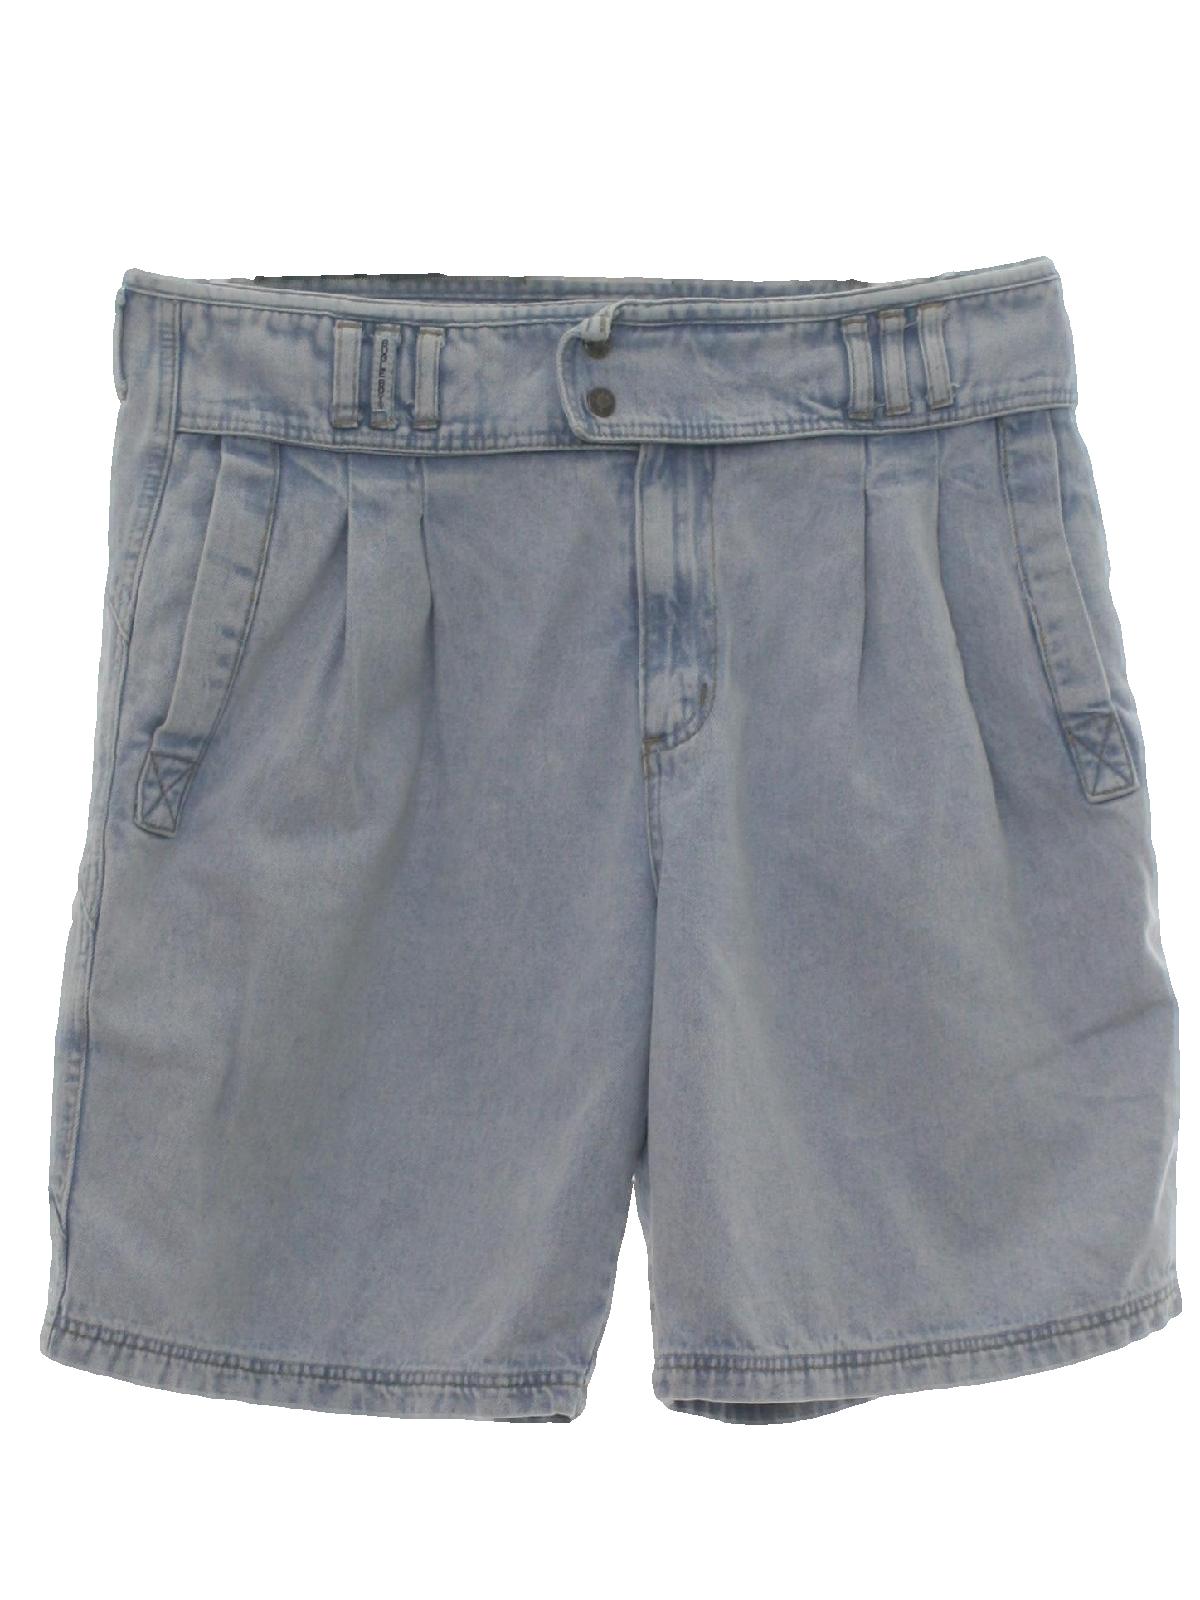 4f1e56da3 80s Shorts (Bugle Boy): 80s -Bugle Boy- Mens light blue background ...